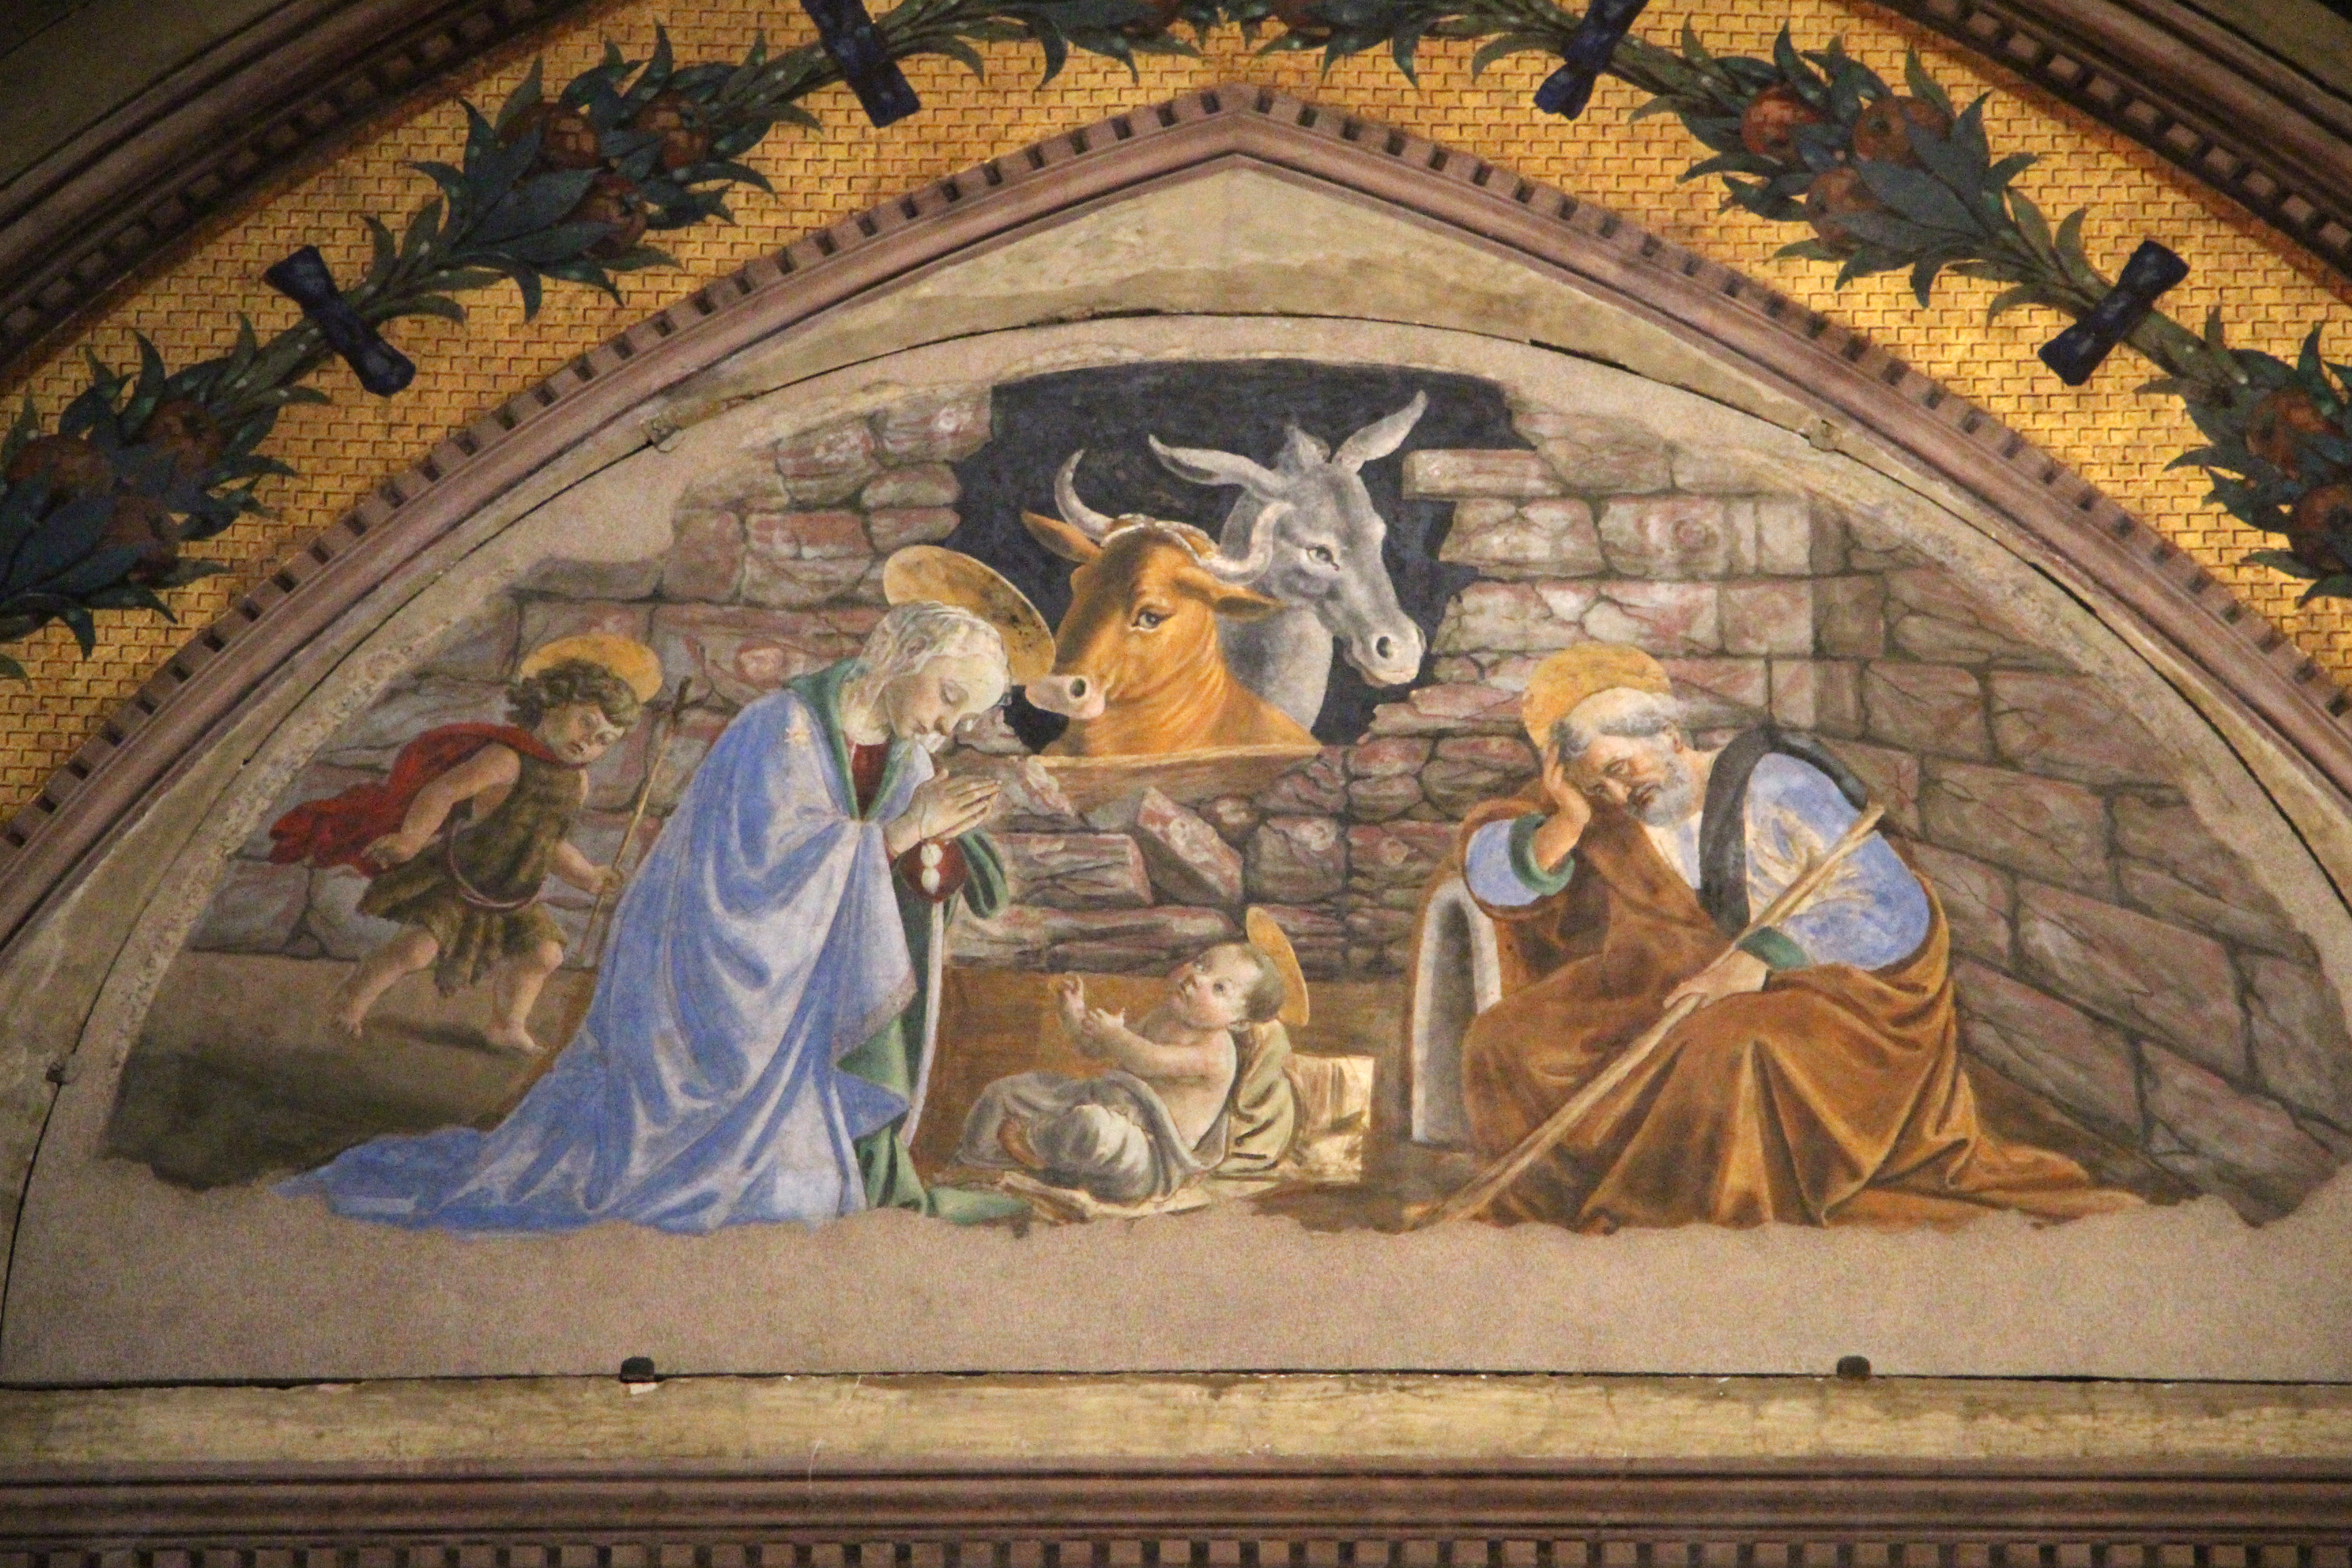 File:Sandro botticelli, natività di gesù, 1475 ca..JPG